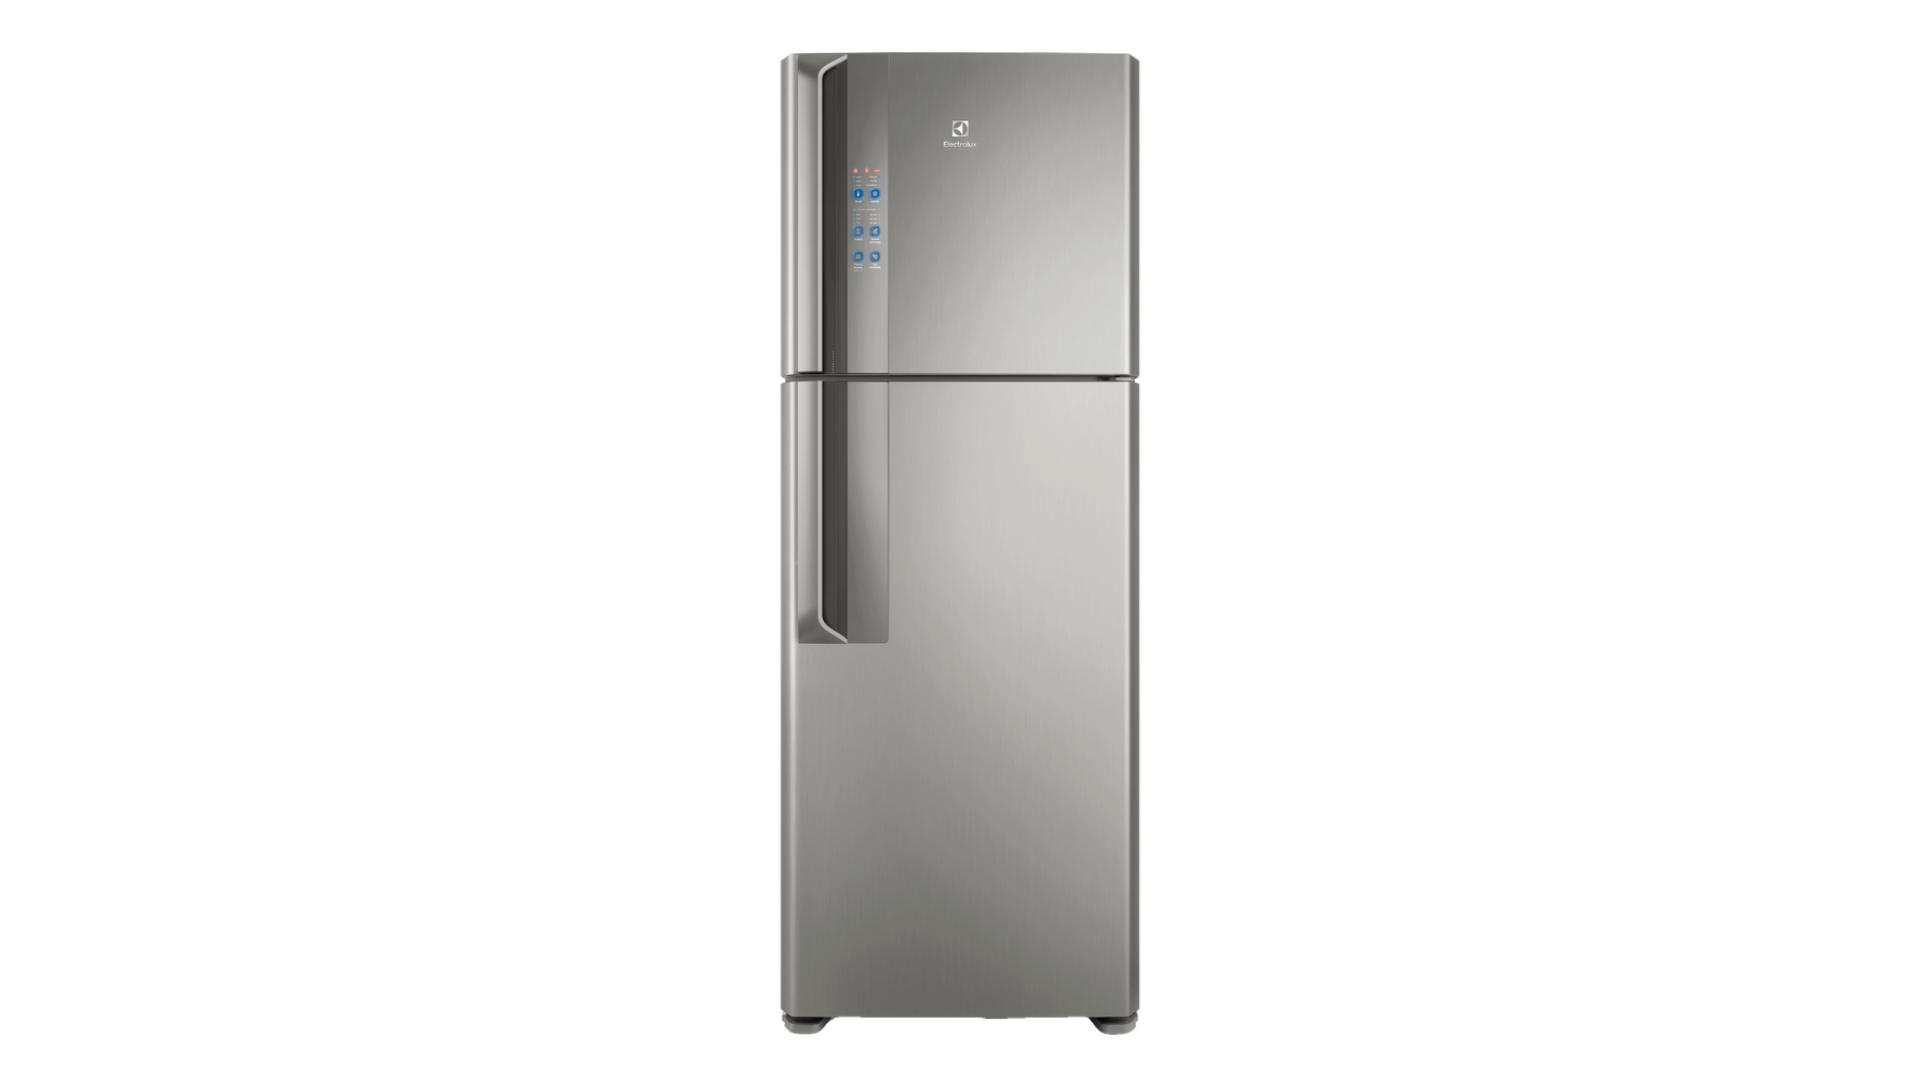 A geladeira Electrolux DF56 também pode ser encontrada em uma versão de inox, a DF56S (Imagem: Divulgação/Electrolux)